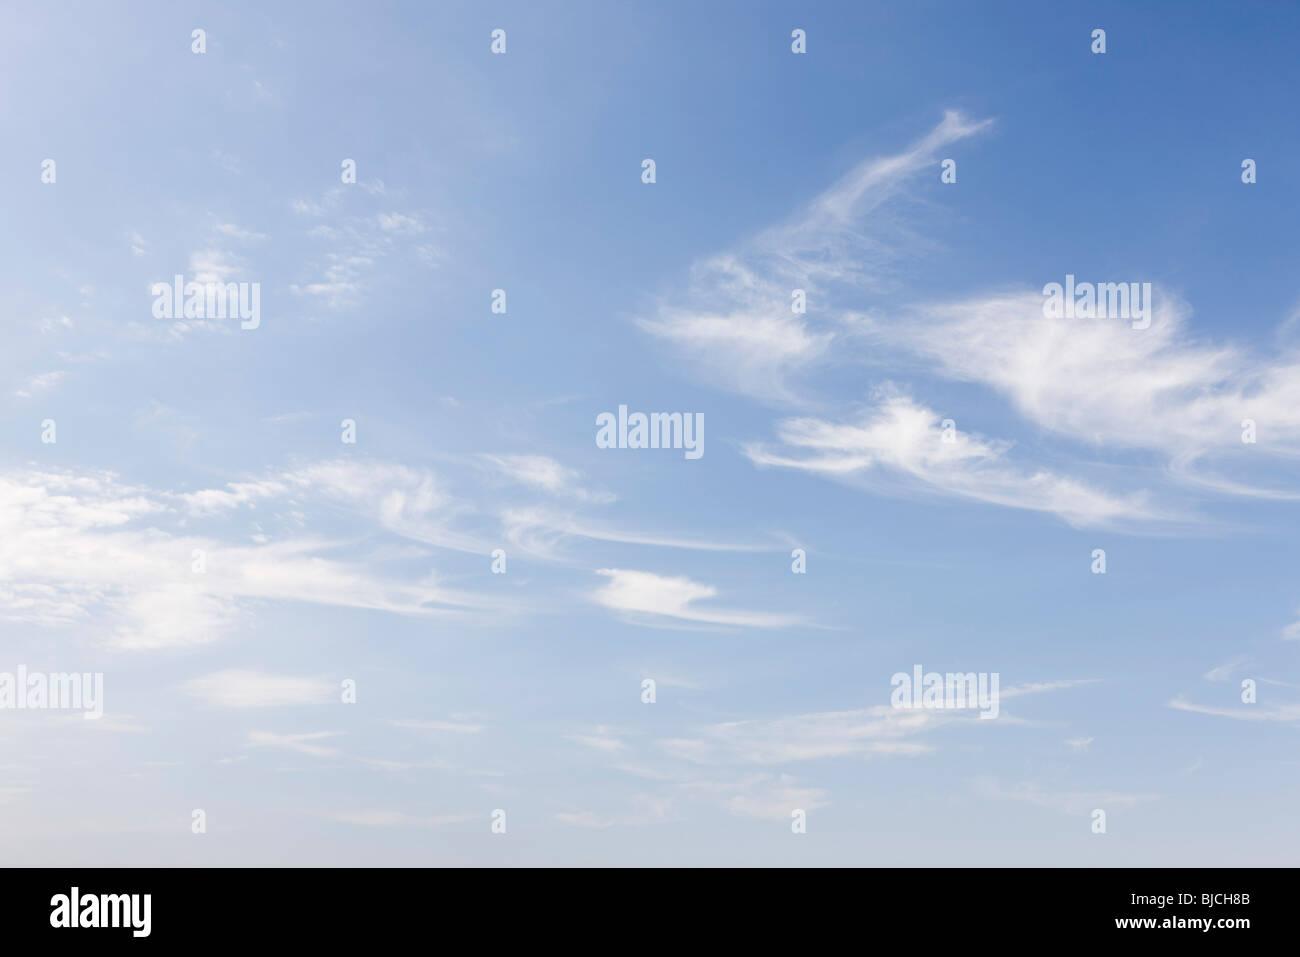 Tenues nubes en el cielo azul Imagen De Stock